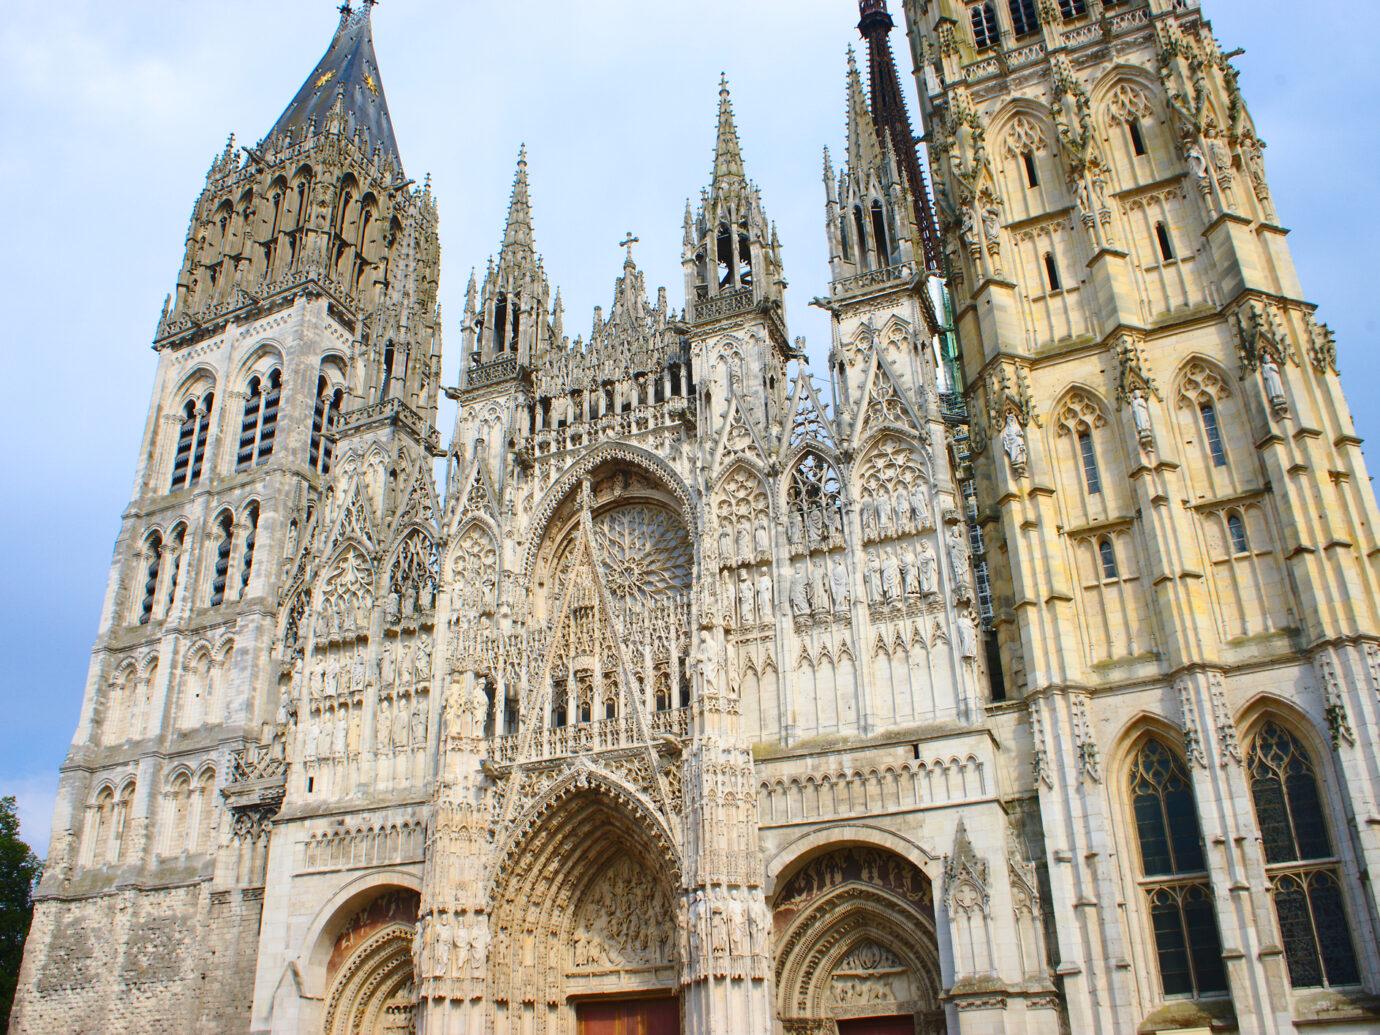 Cathédrale Notre-Dame de Rouen. Façade et tour de beurre.